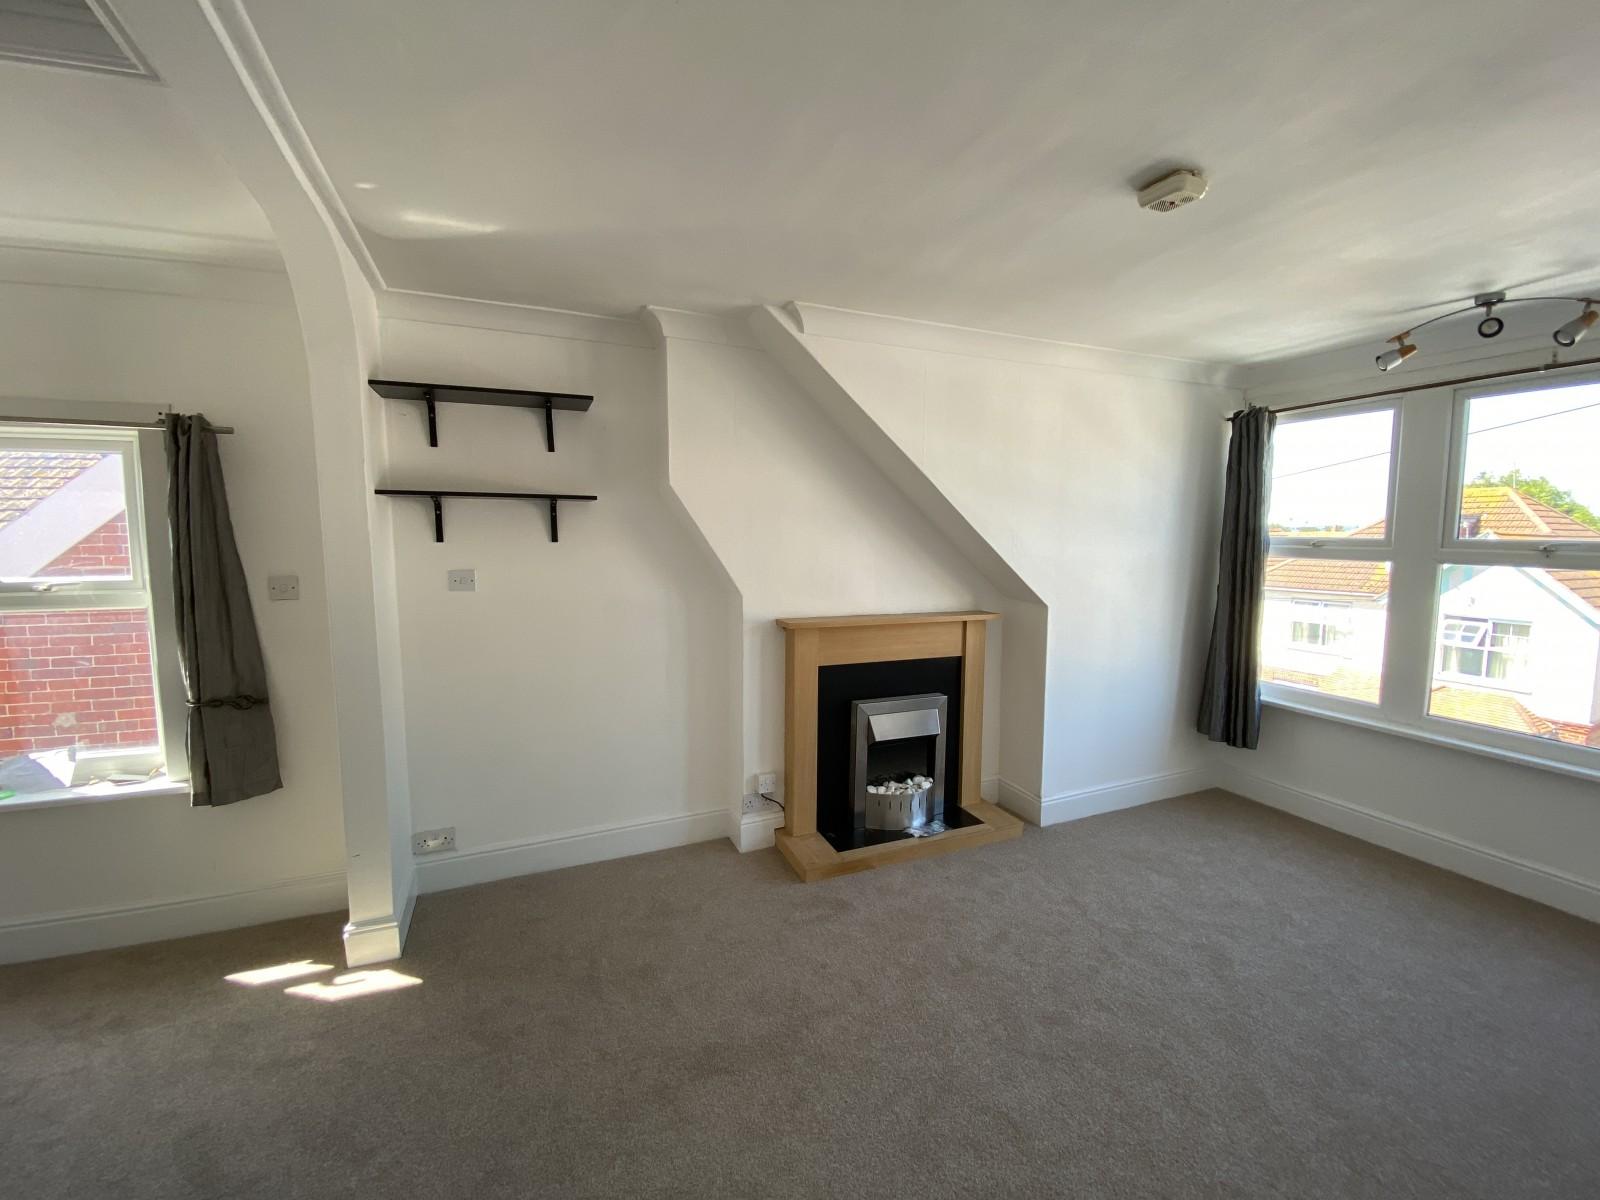 Living room Flat to rent in Bognor Regis